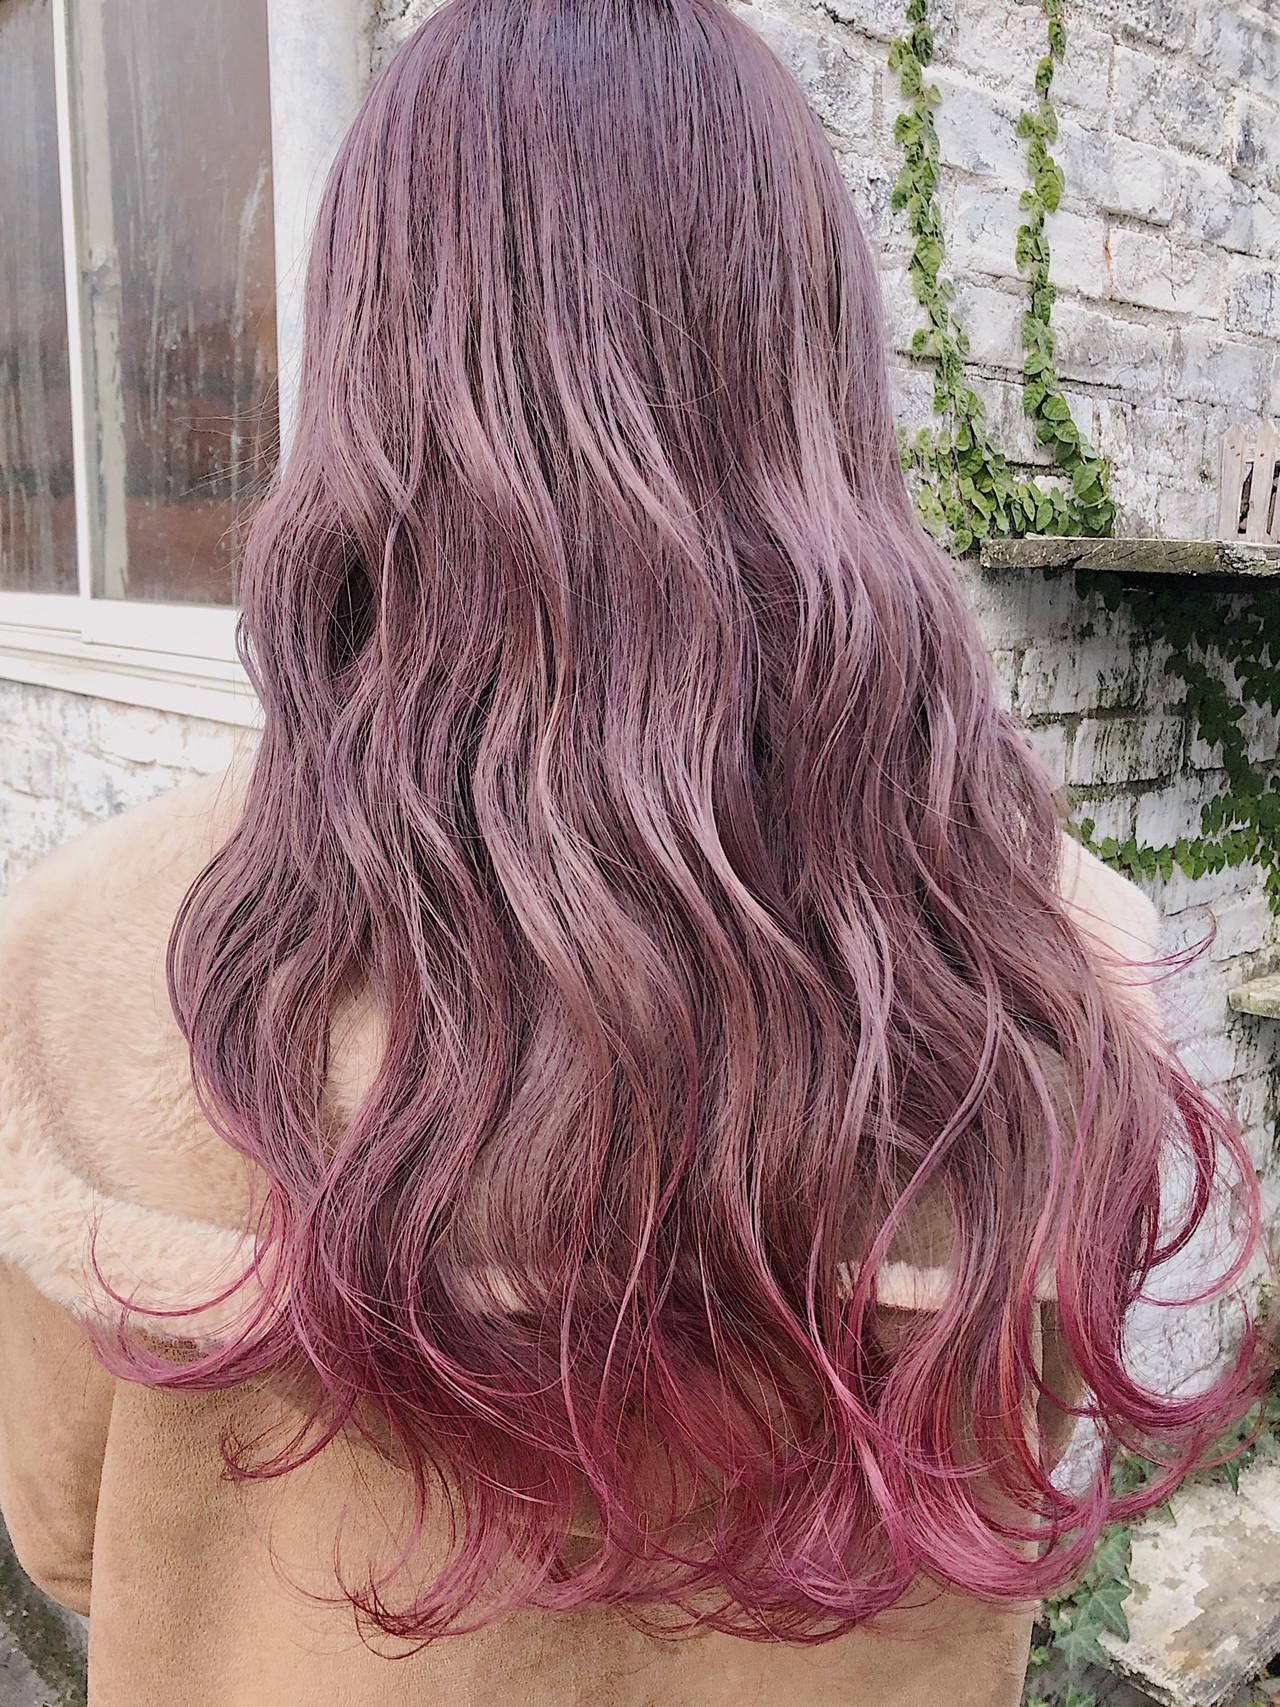 ピンクラベンダー グラデーションカラー ロング ピンクベージュ ヘアスタイルや髪型の写真・画像 | ニシムラ カナ / La familia